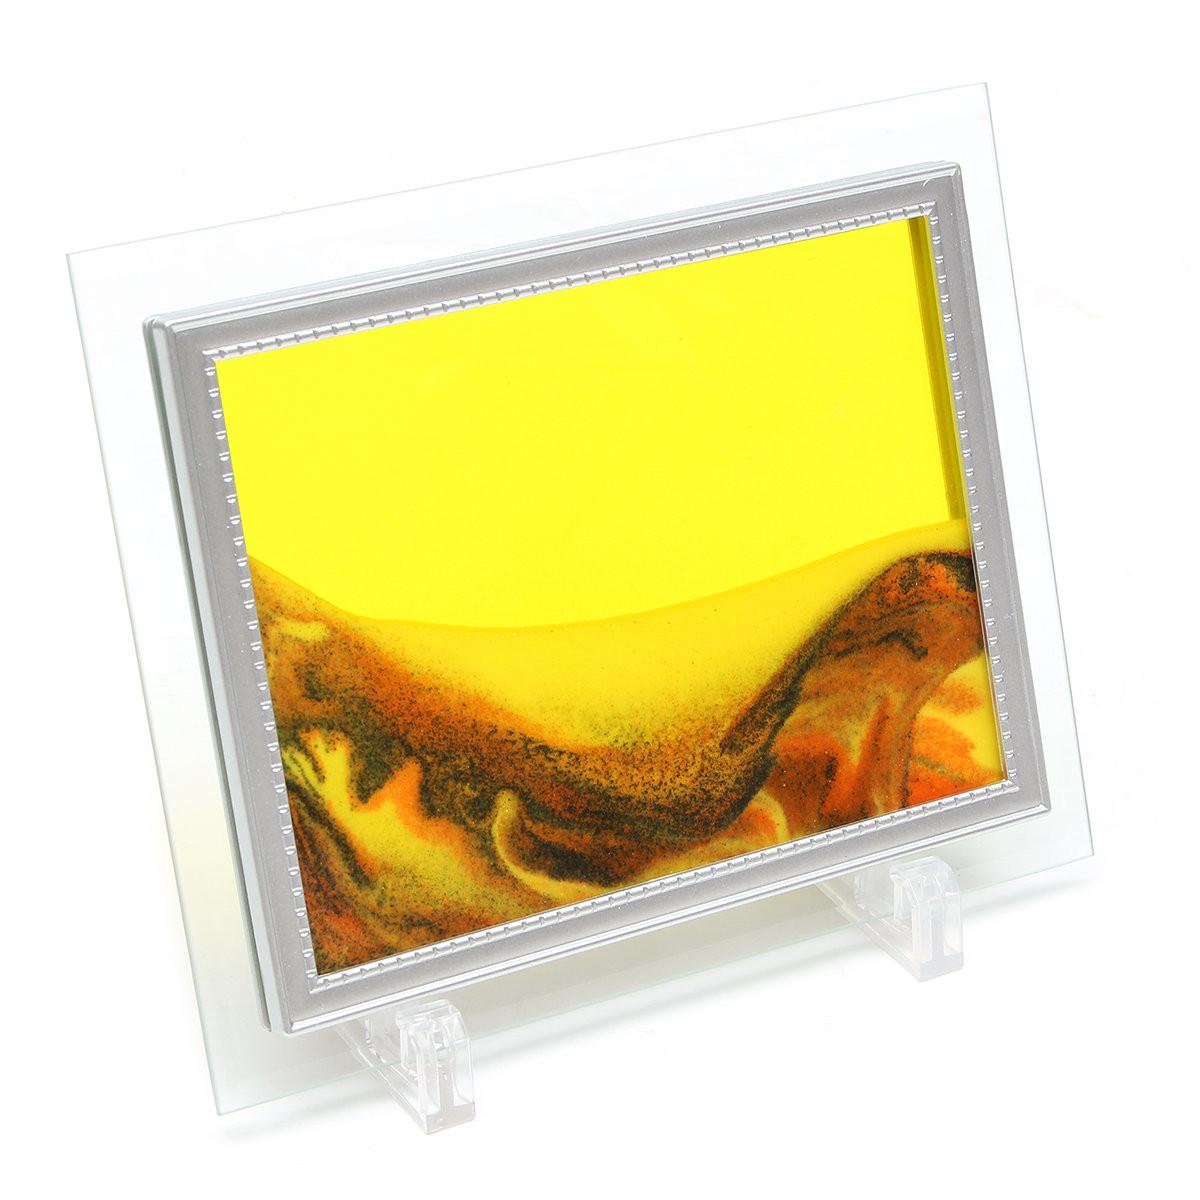 Песочная картина  - Цвет - оранжево-желтый  - 25*30 см